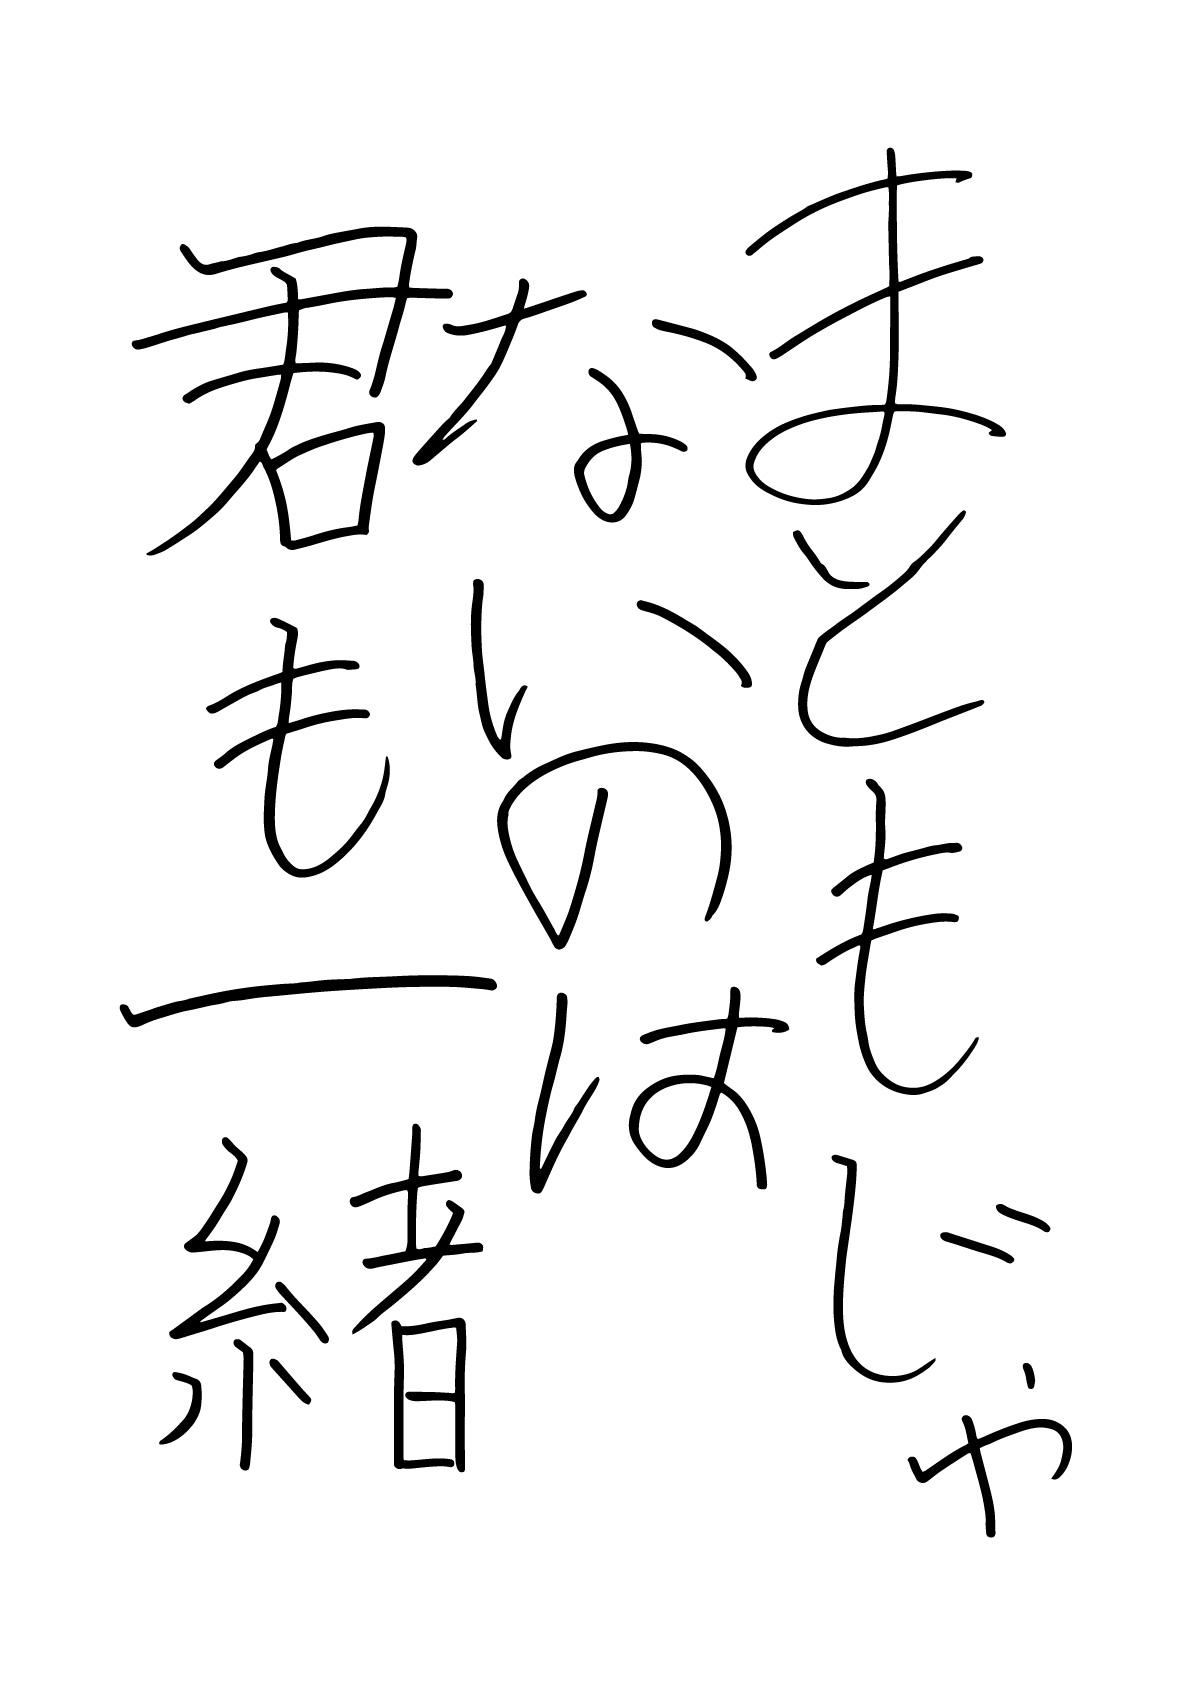 2・25 東京で報知映画賞・特選試写会「まともじゃないのは君も一緒 ...